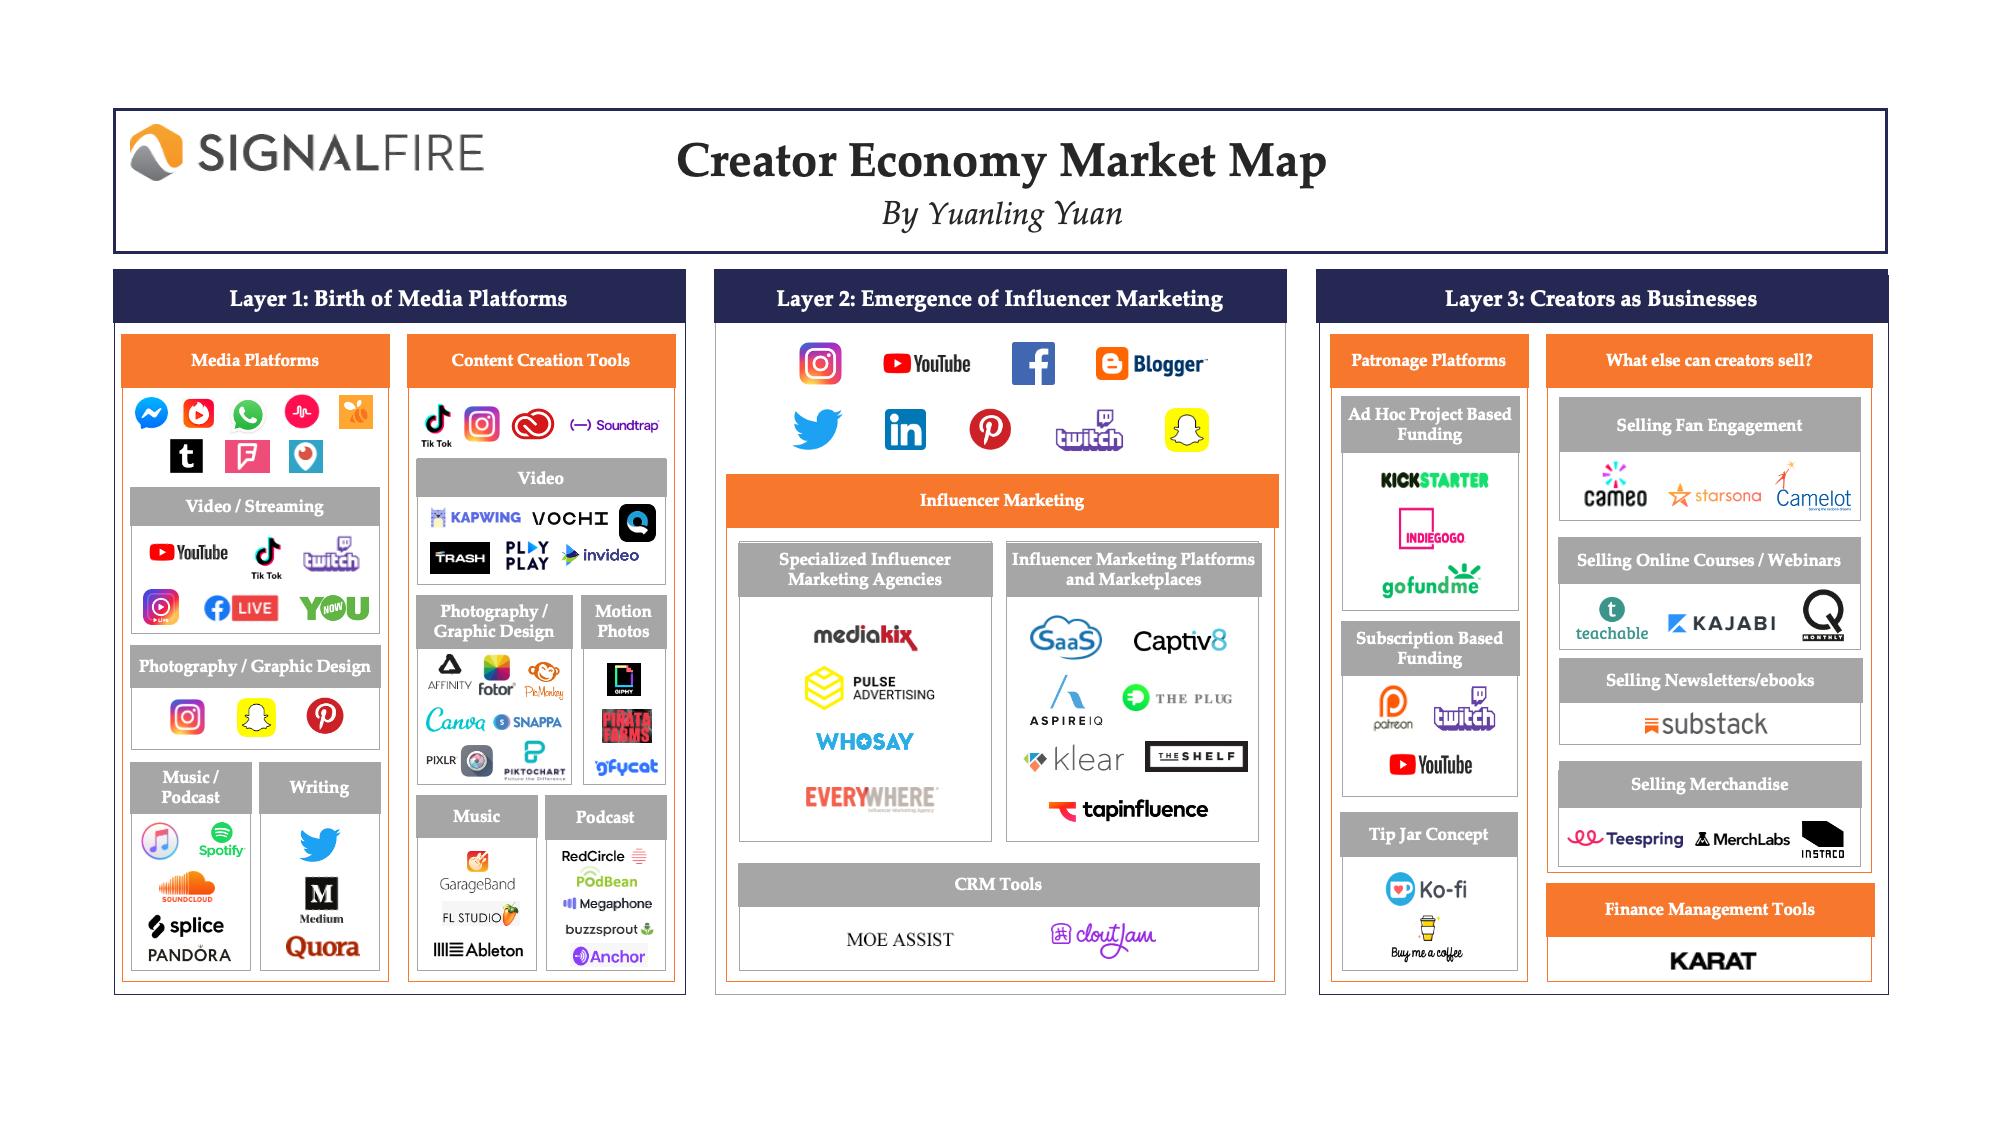 Creator Economy Market Map - Creators Economy